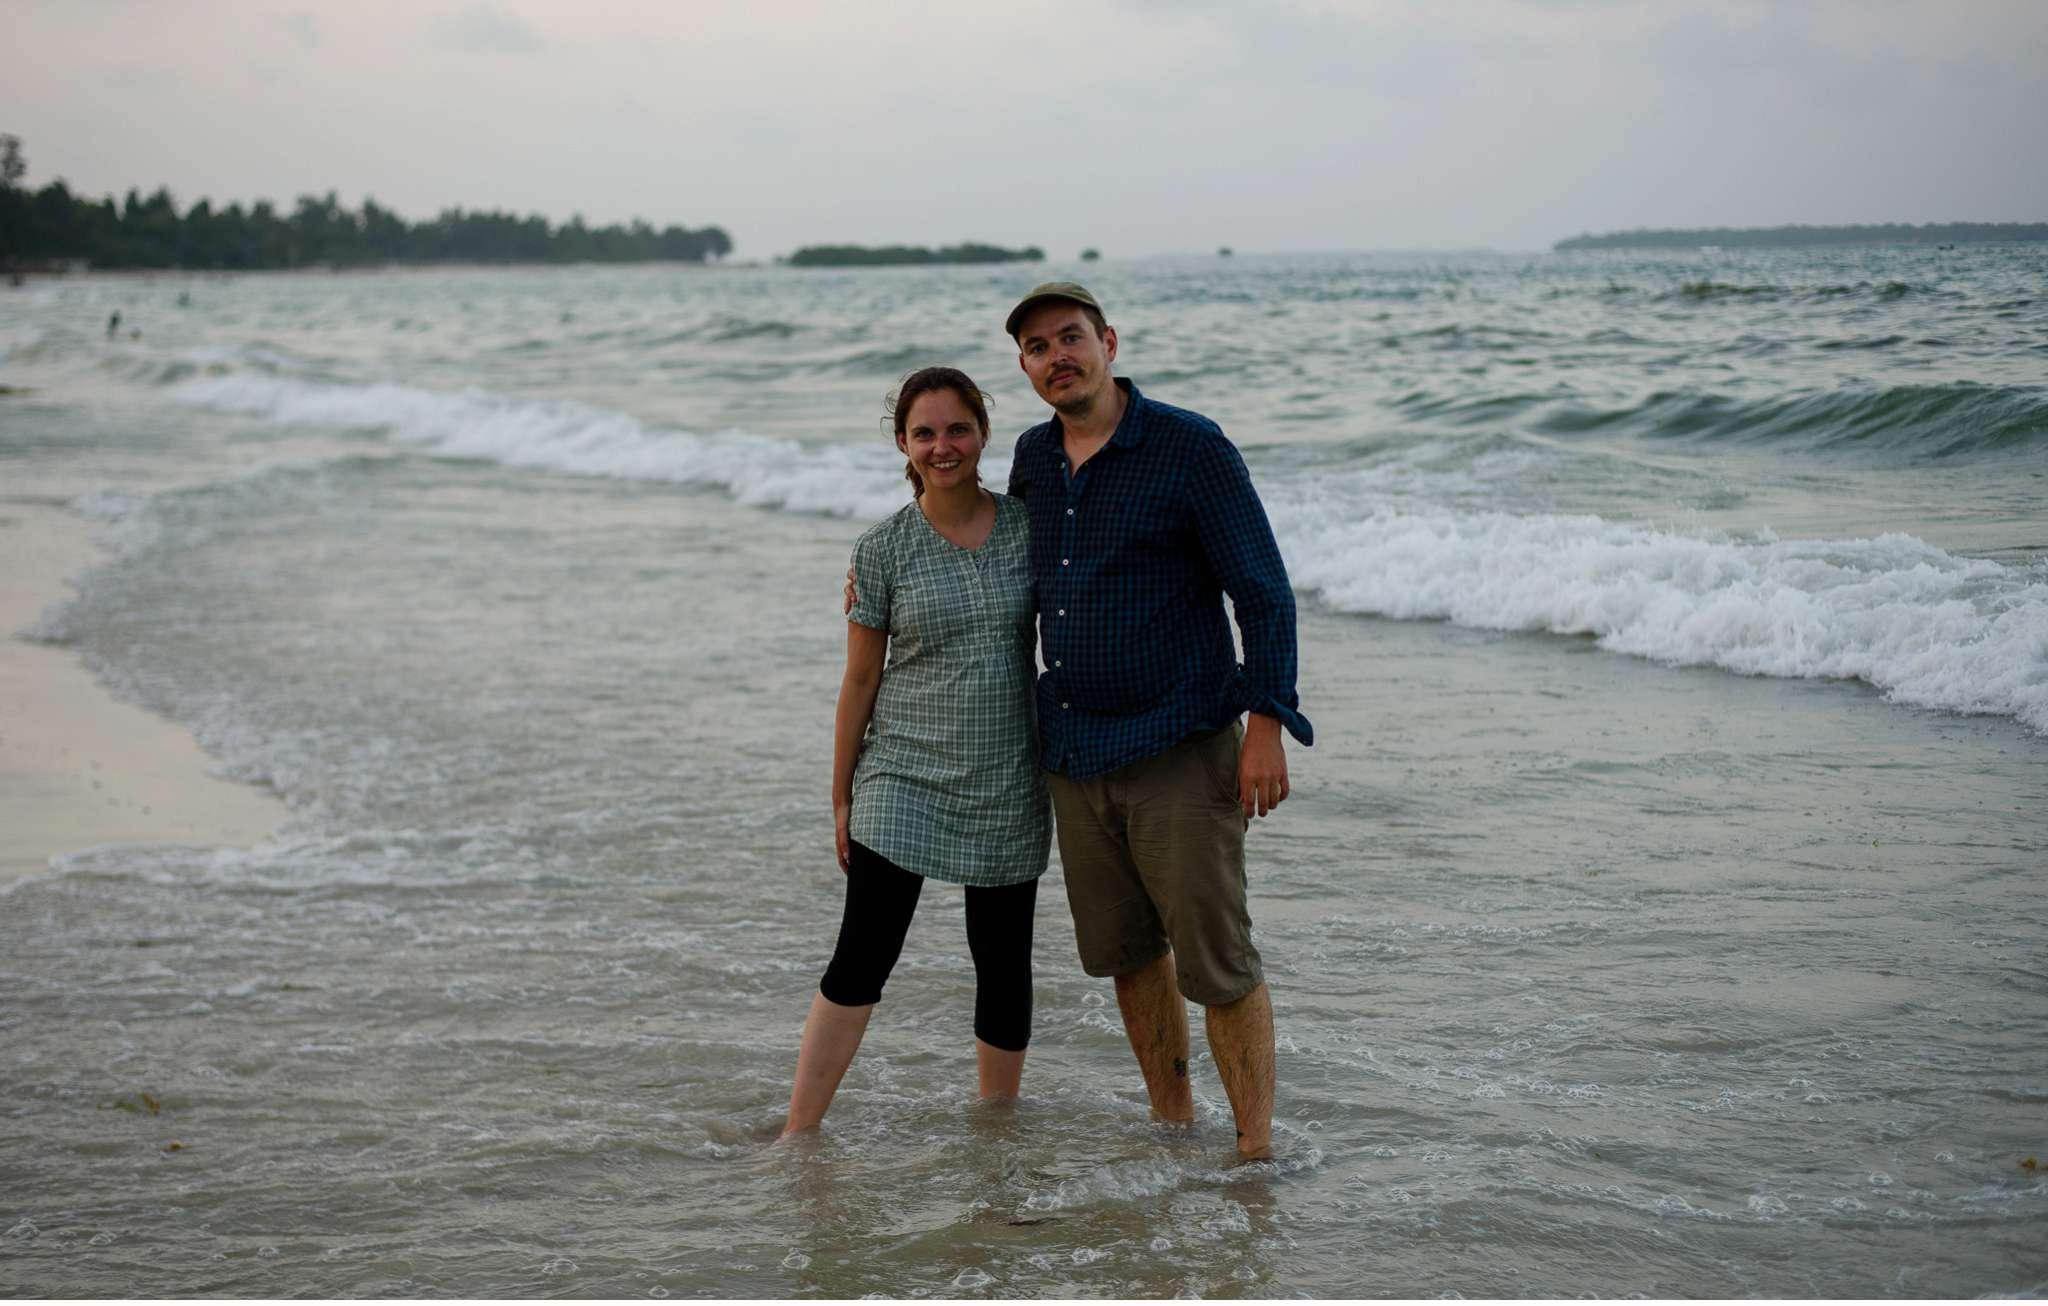 Malawi-Quer durch Afrika- Geschichten von unterwegs by Marion and Daniel-135